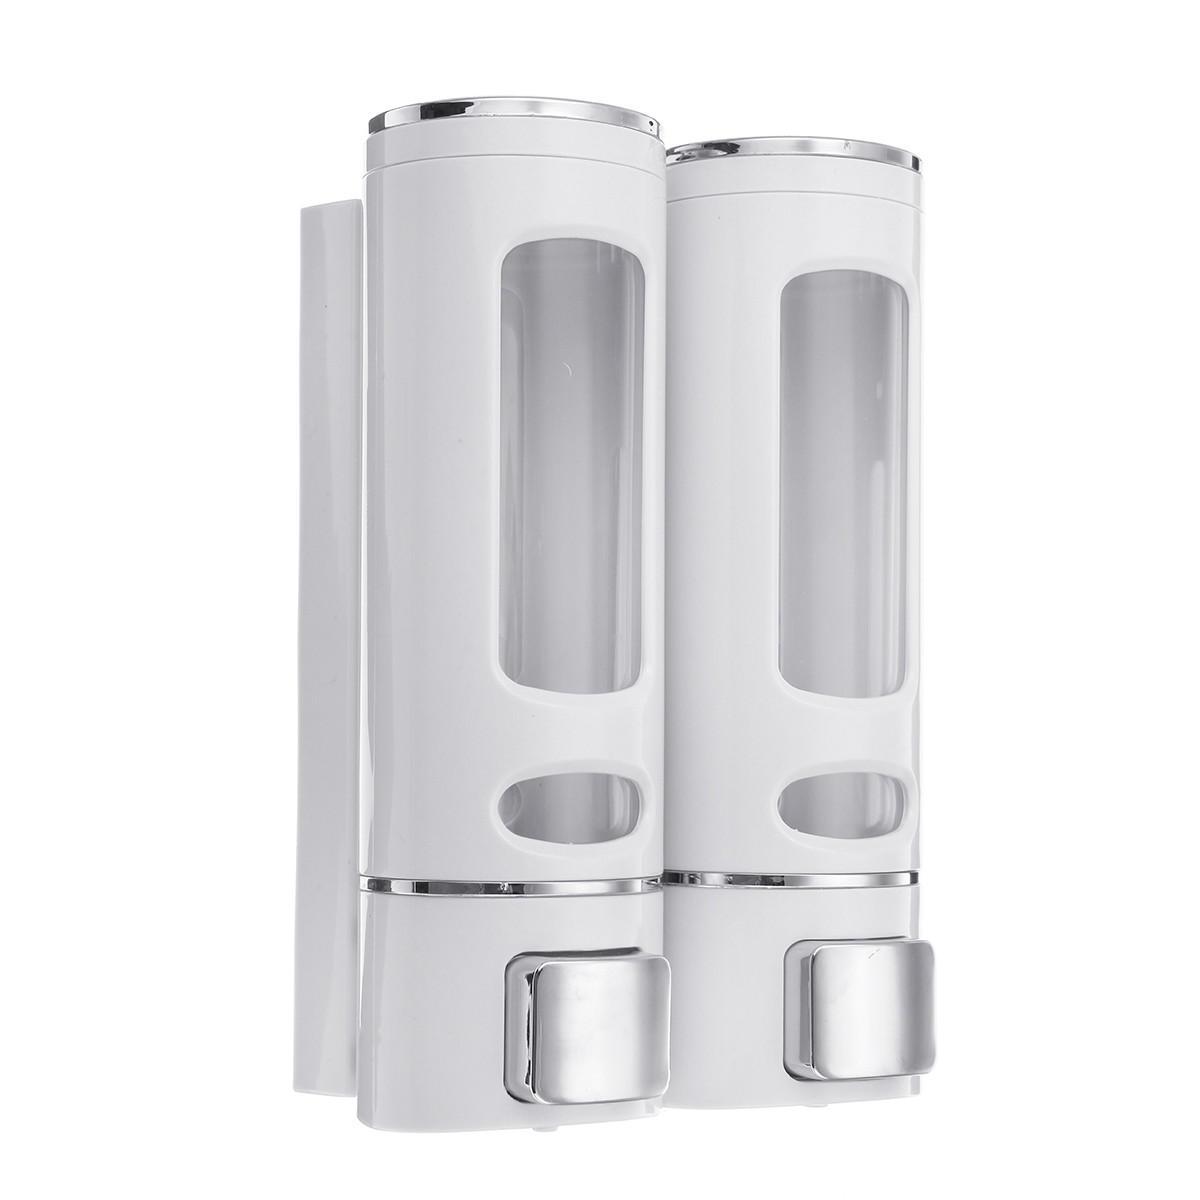 2pcs Set 400ml Liquid Soap Dispenser